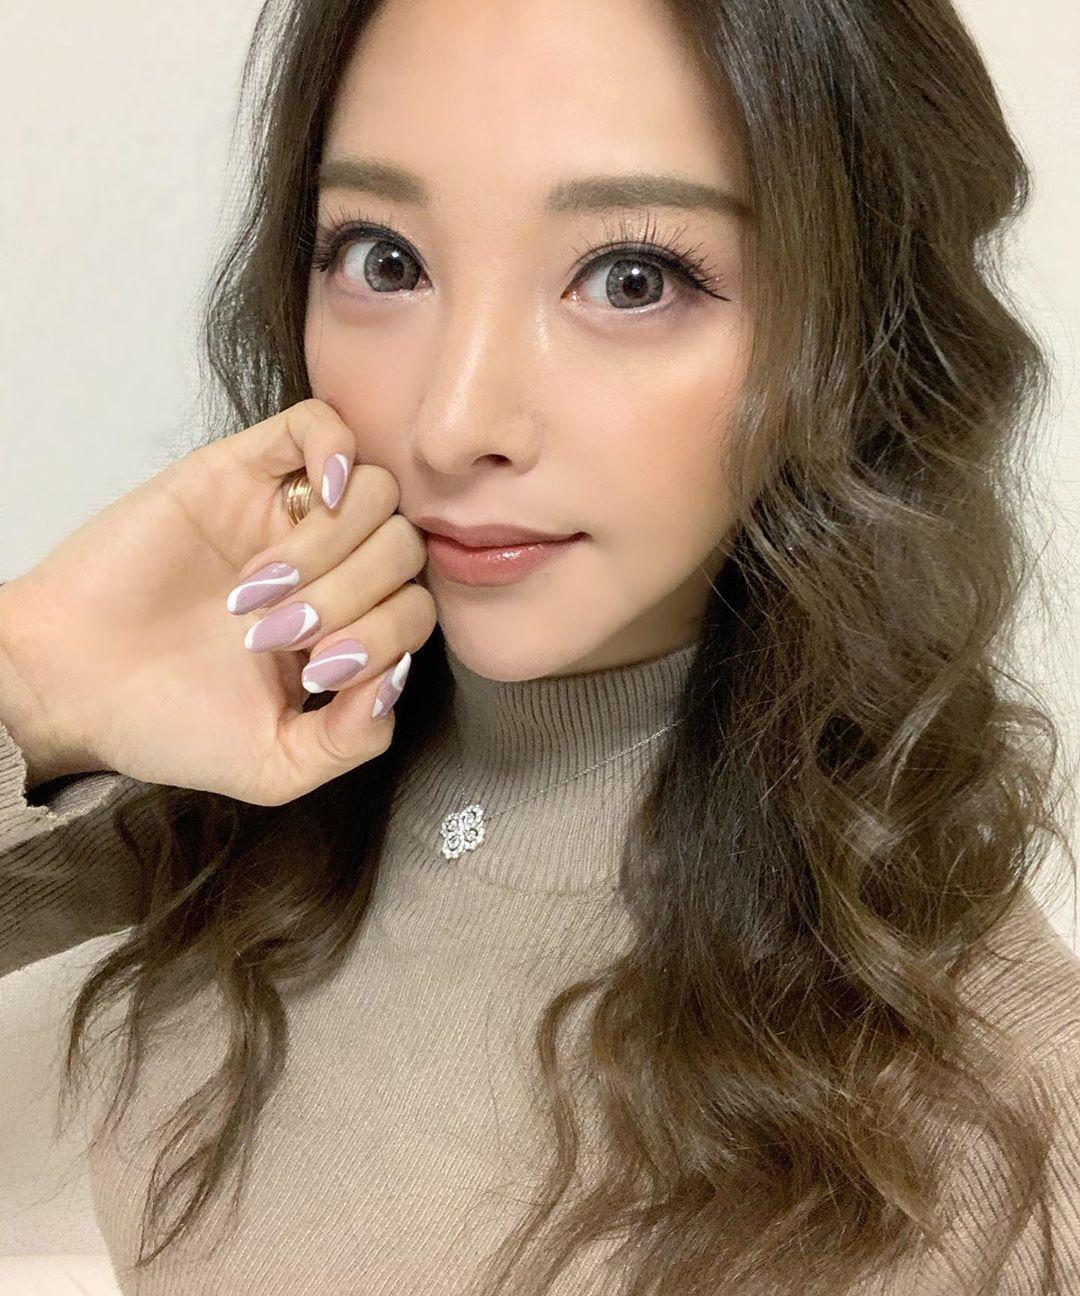 yamasaki_midori026.jpg